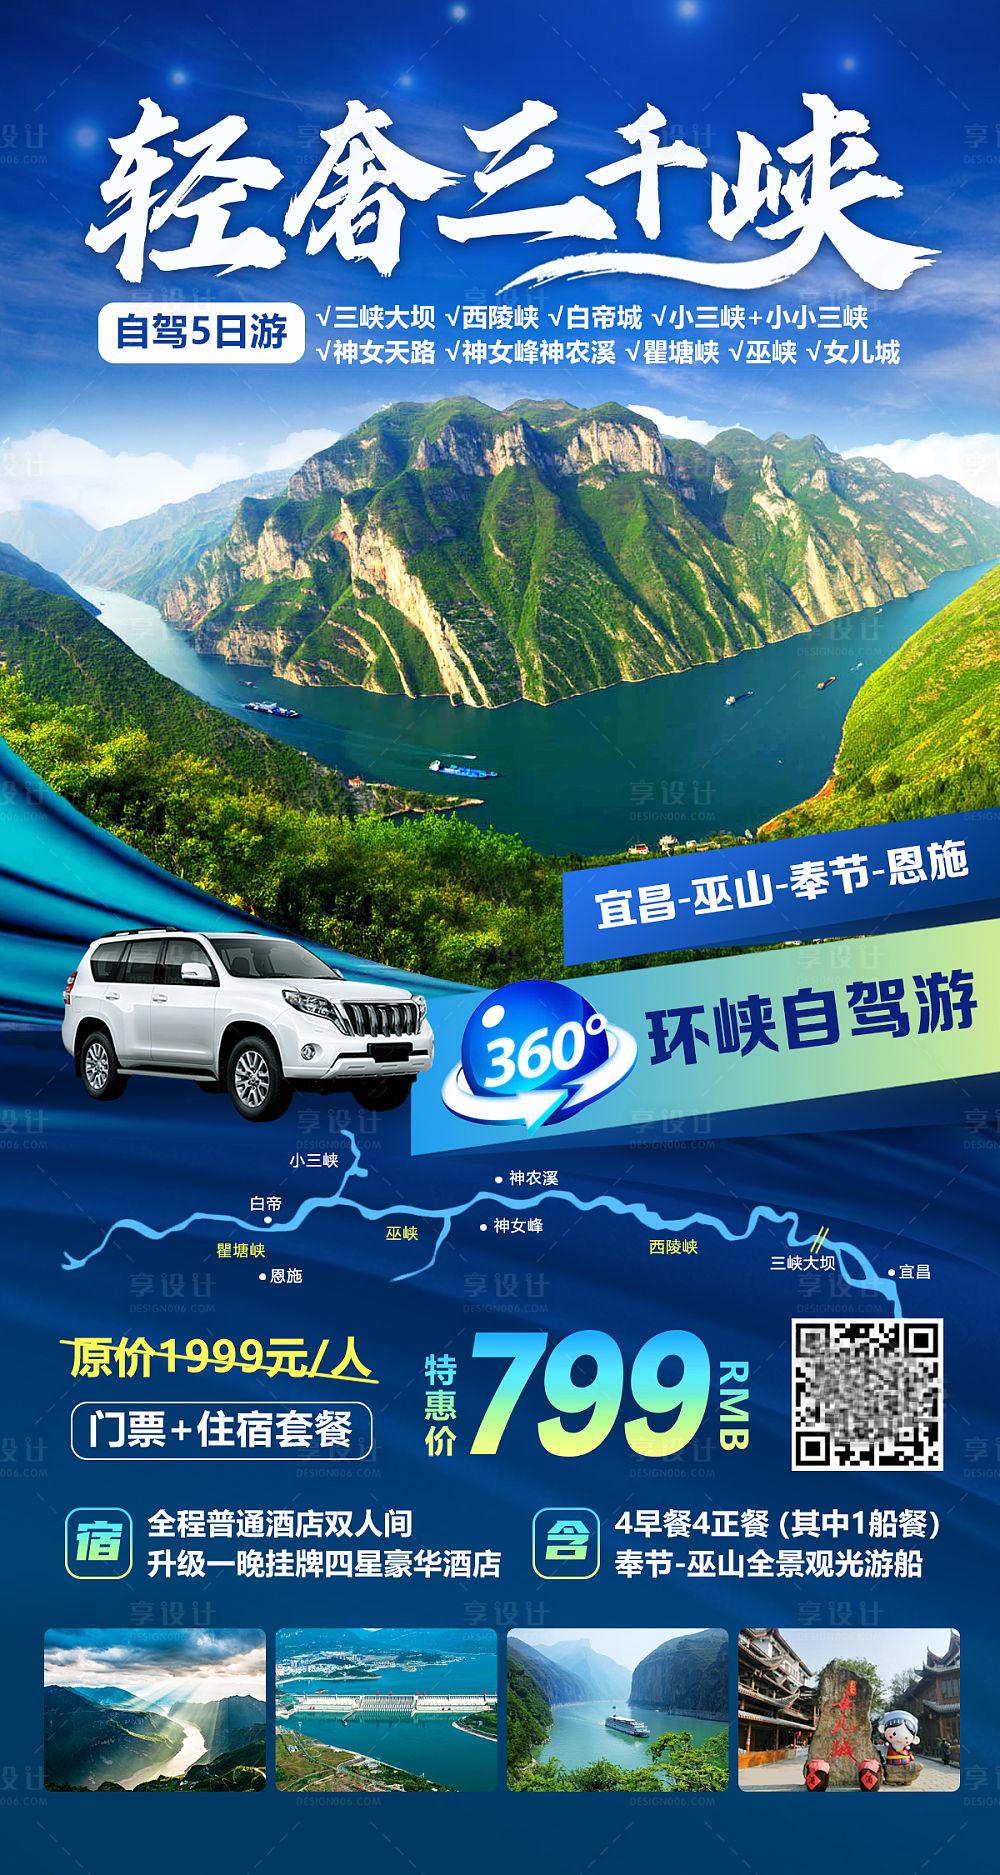 【源文件下载】 海报 三峡大坝 游轮 旅游设计作品 设计图集